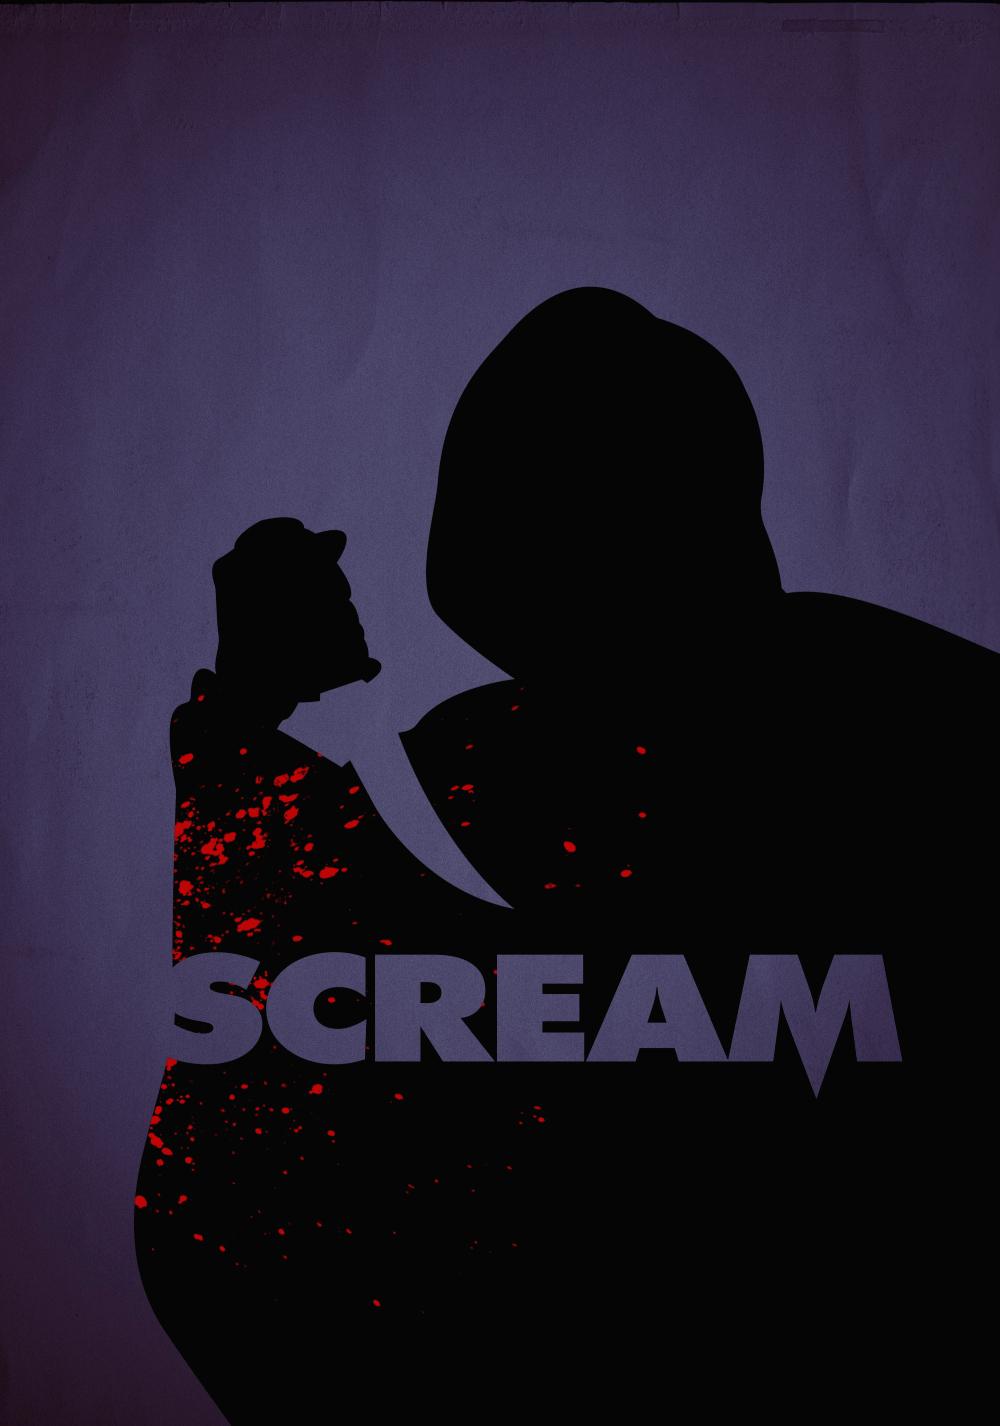 Scream | Movie fanart | fanart.tv